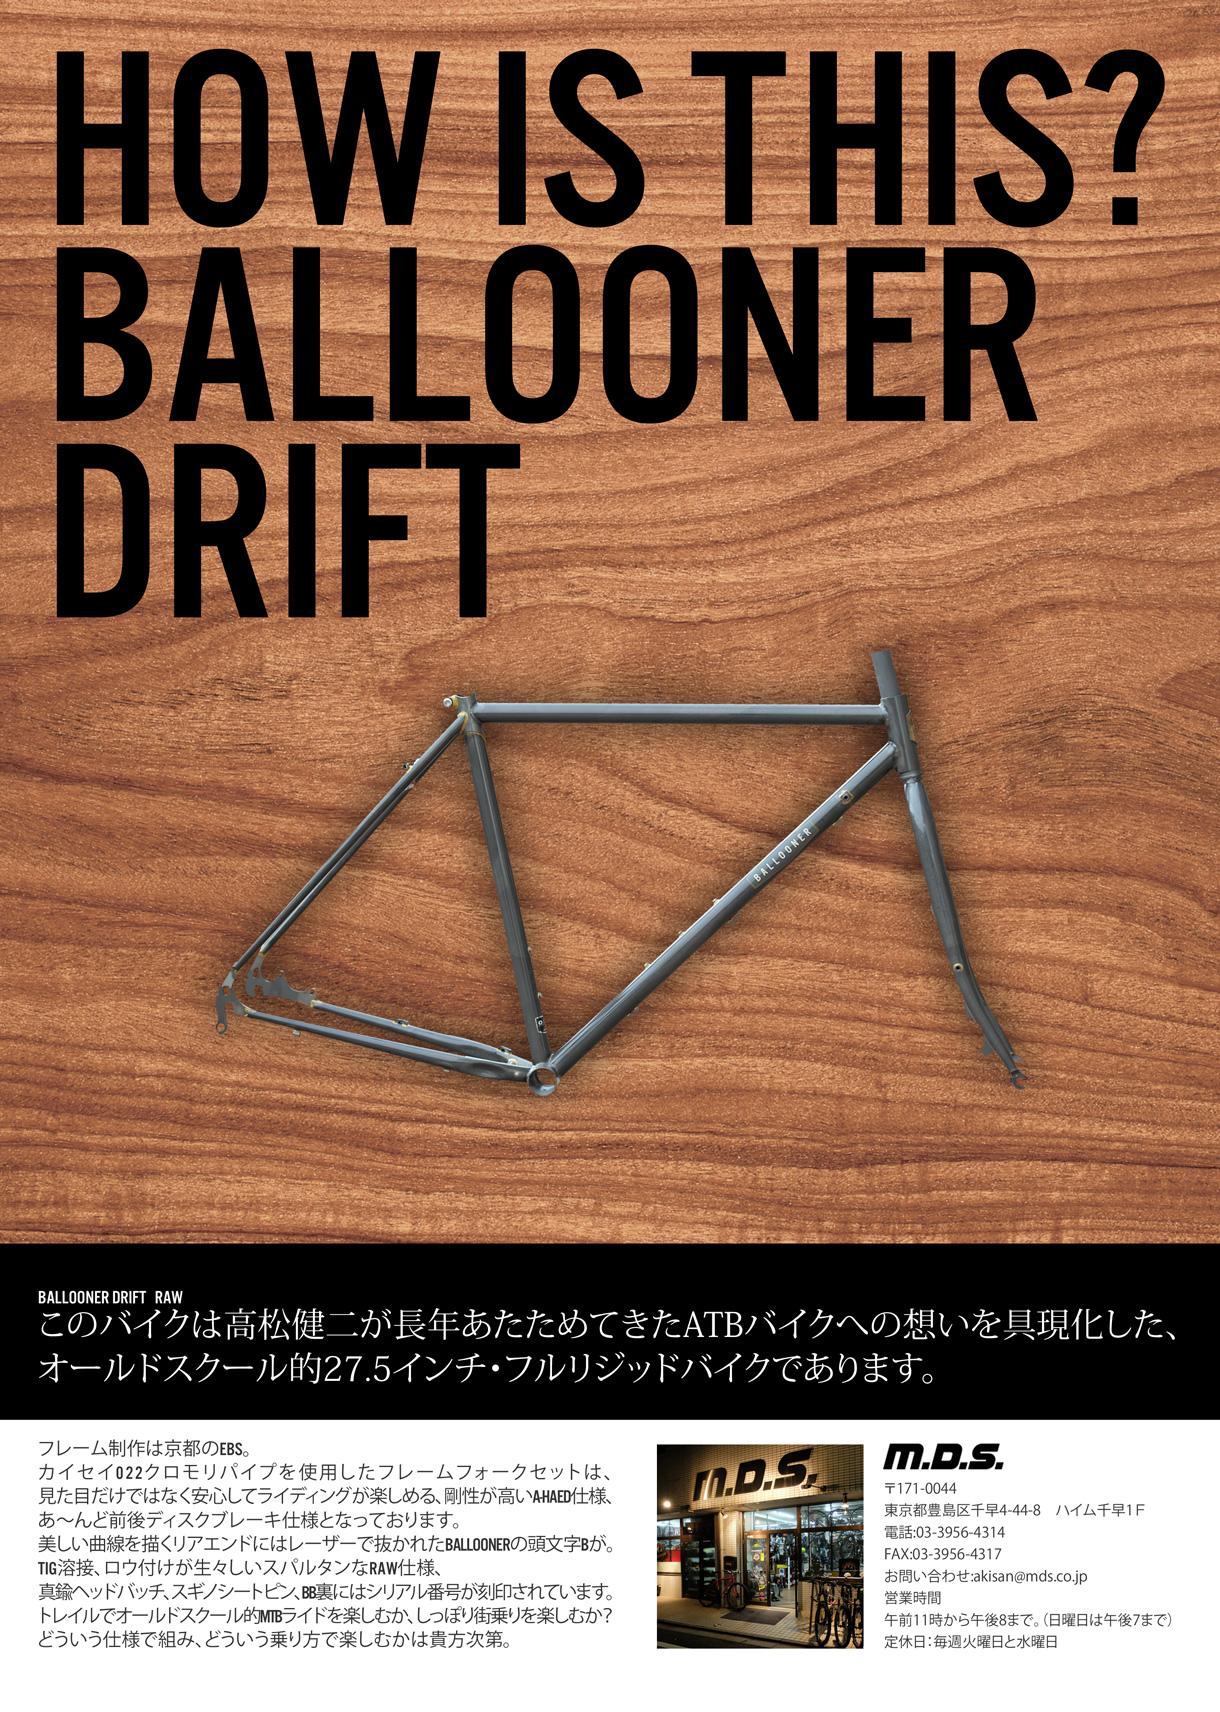 drift34